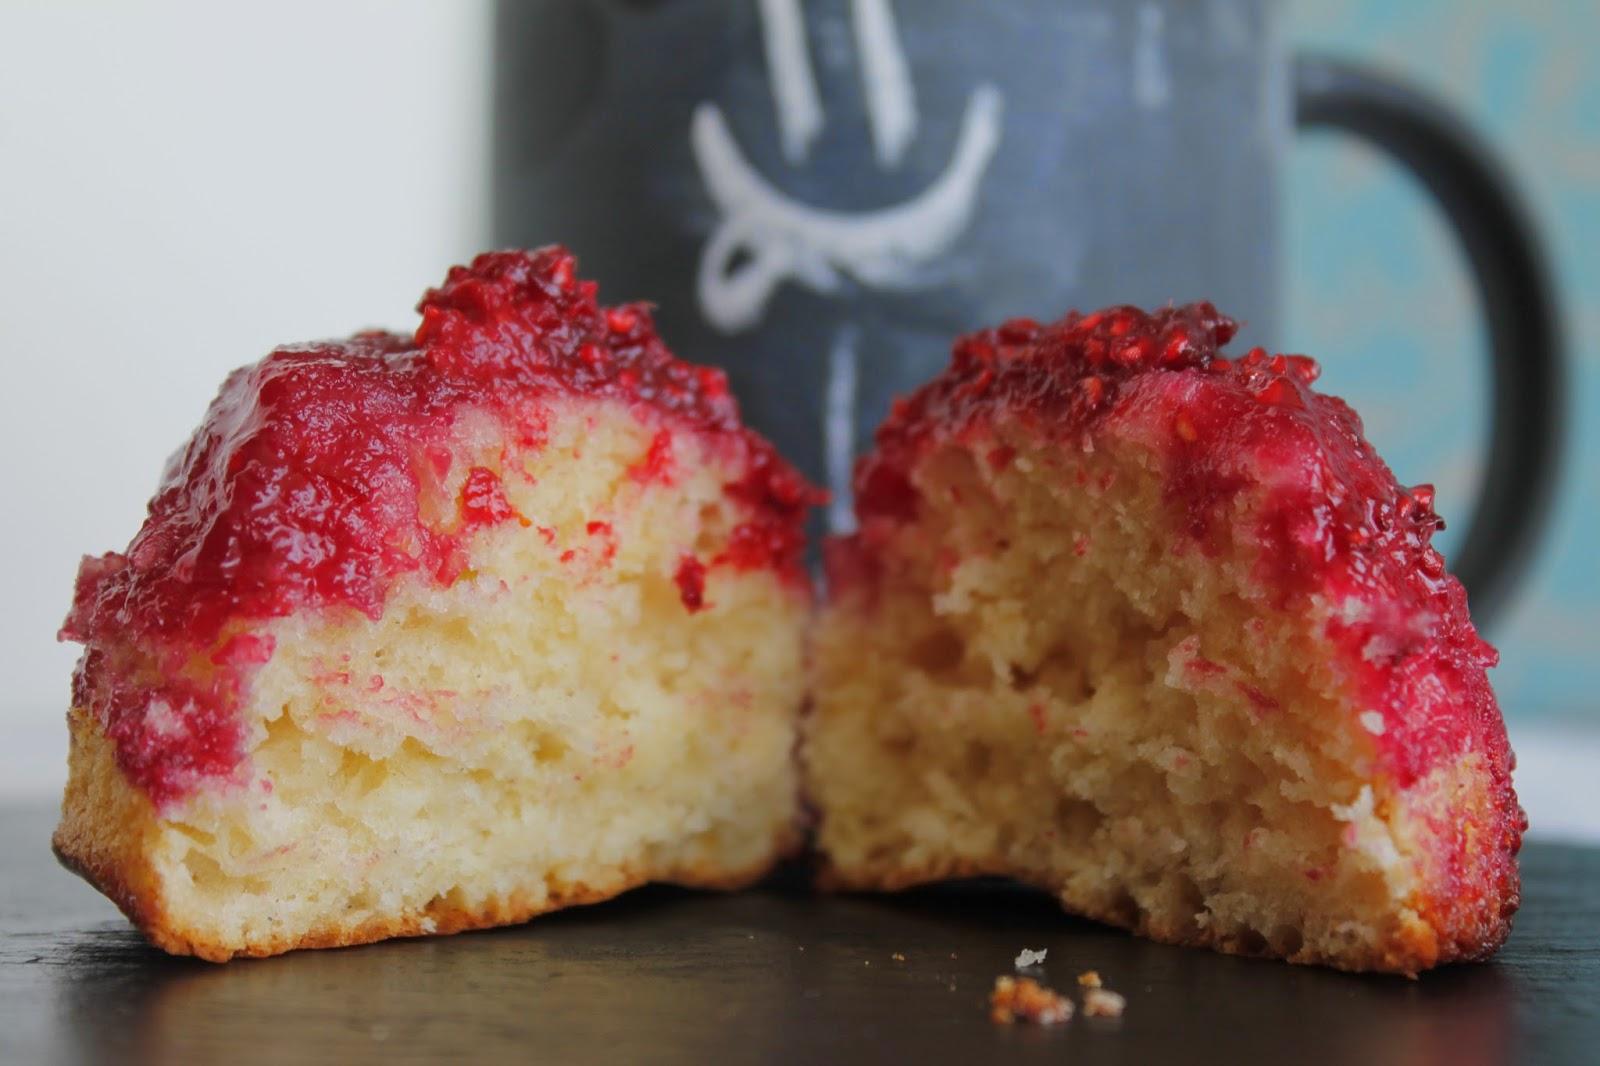 Receta Muffins de frambuesa